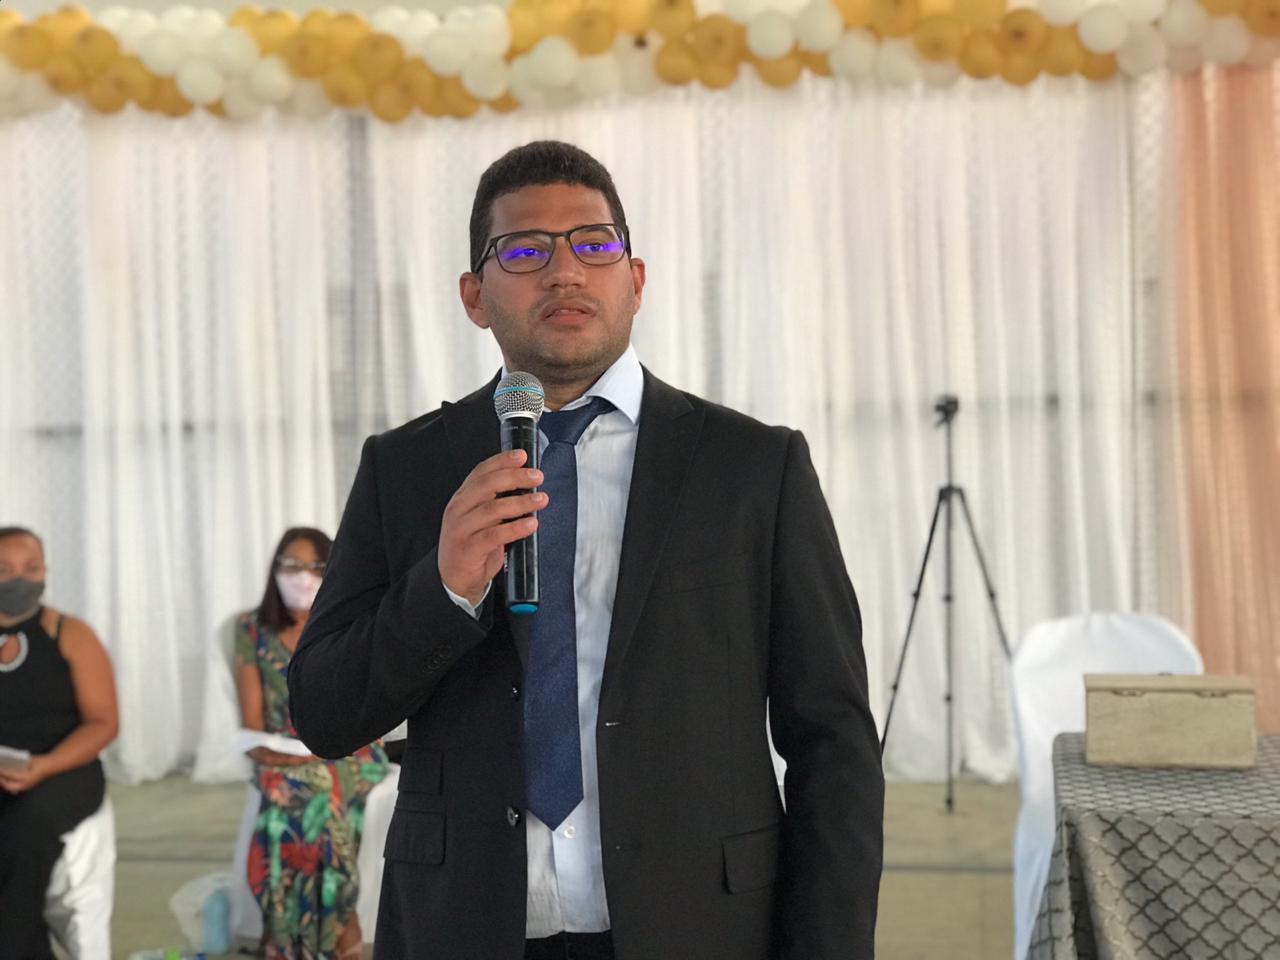 Em Paquetá do Piauí, Dr. Thales Pimentel é empossado para segundo mandato